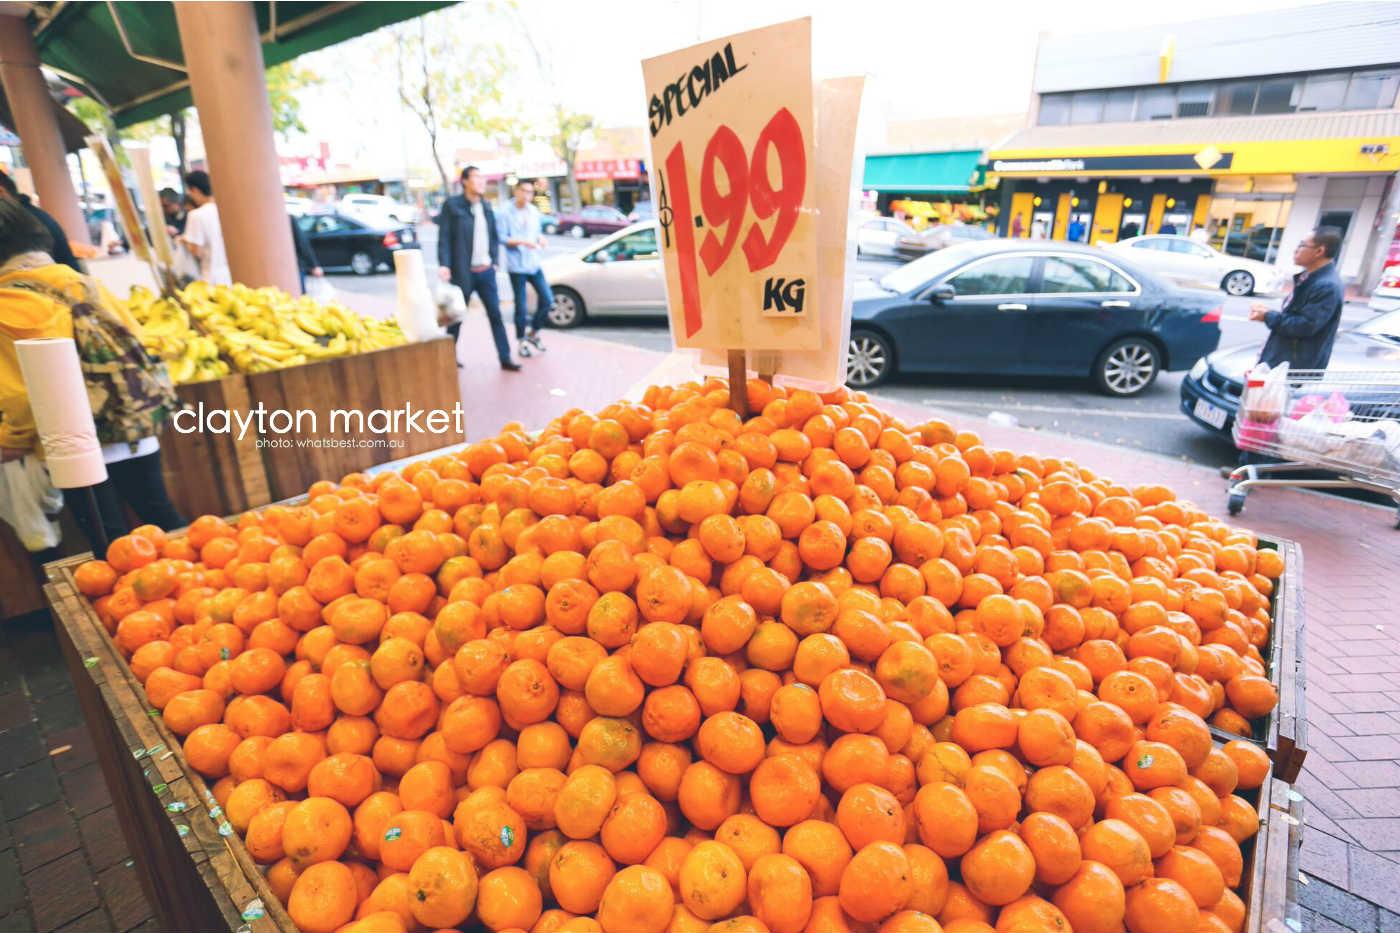 clayton market melbourne review